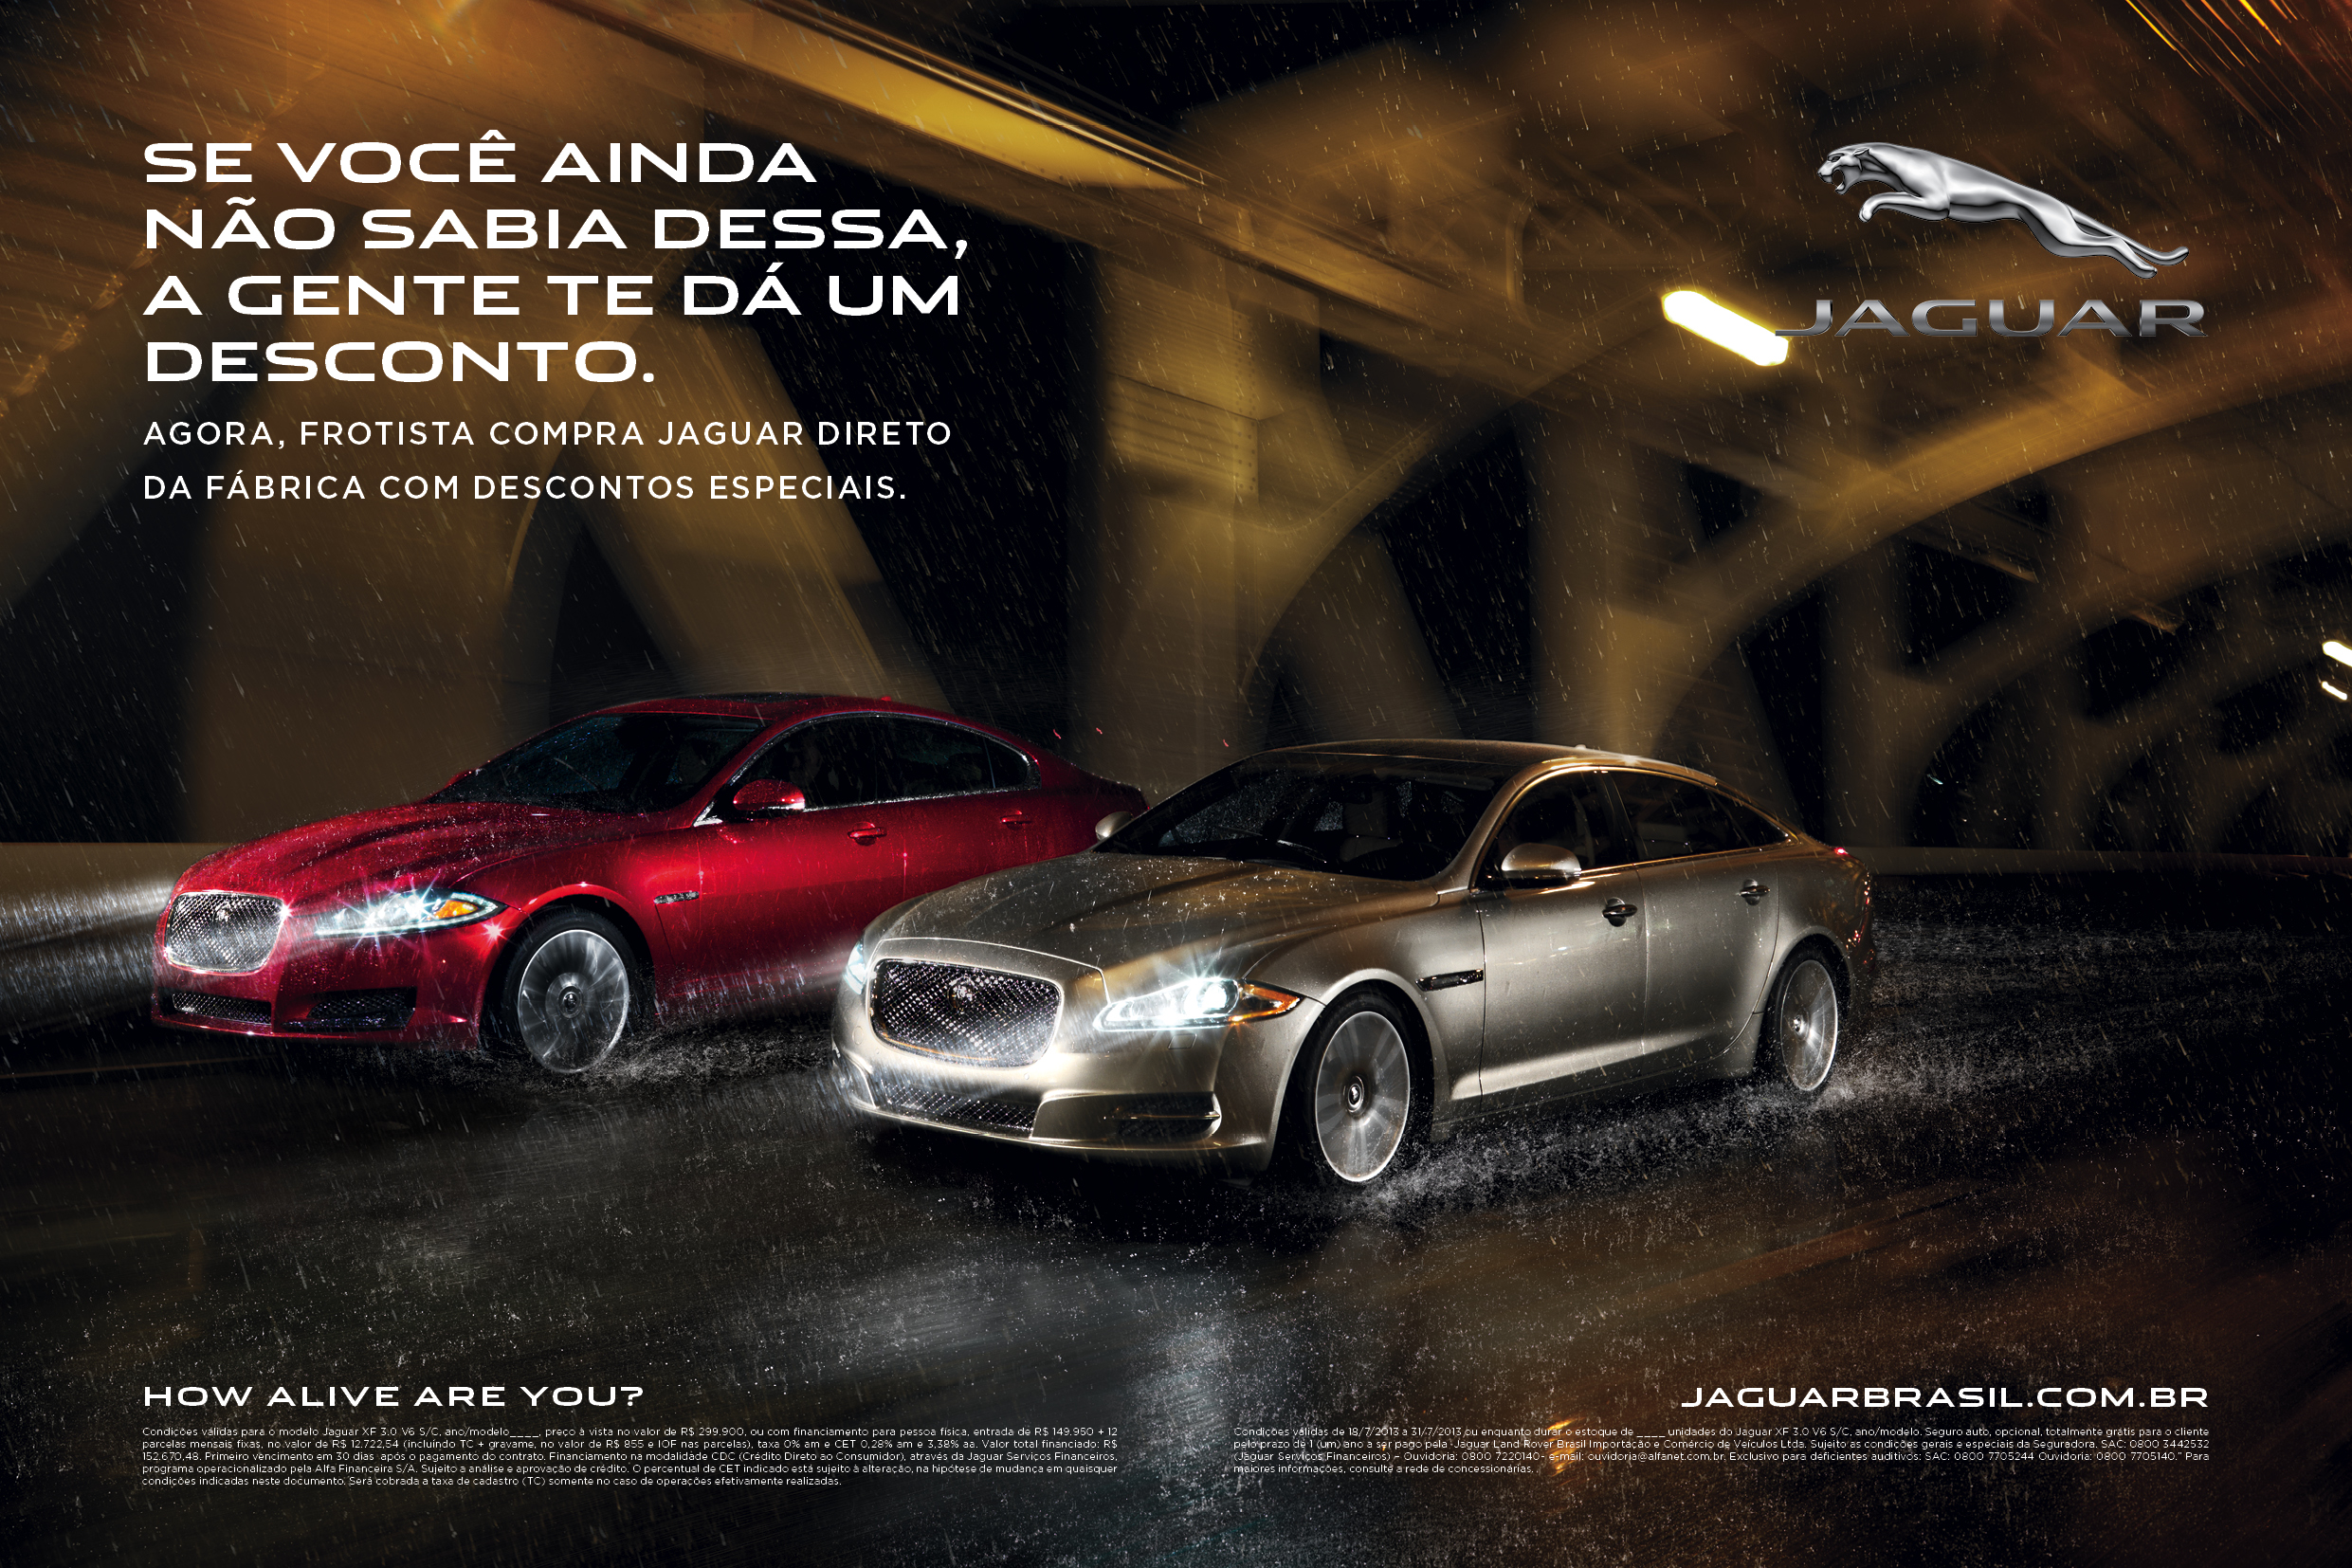 Jaguar_Frontistas_21x14cm_JOAO (1).jpg